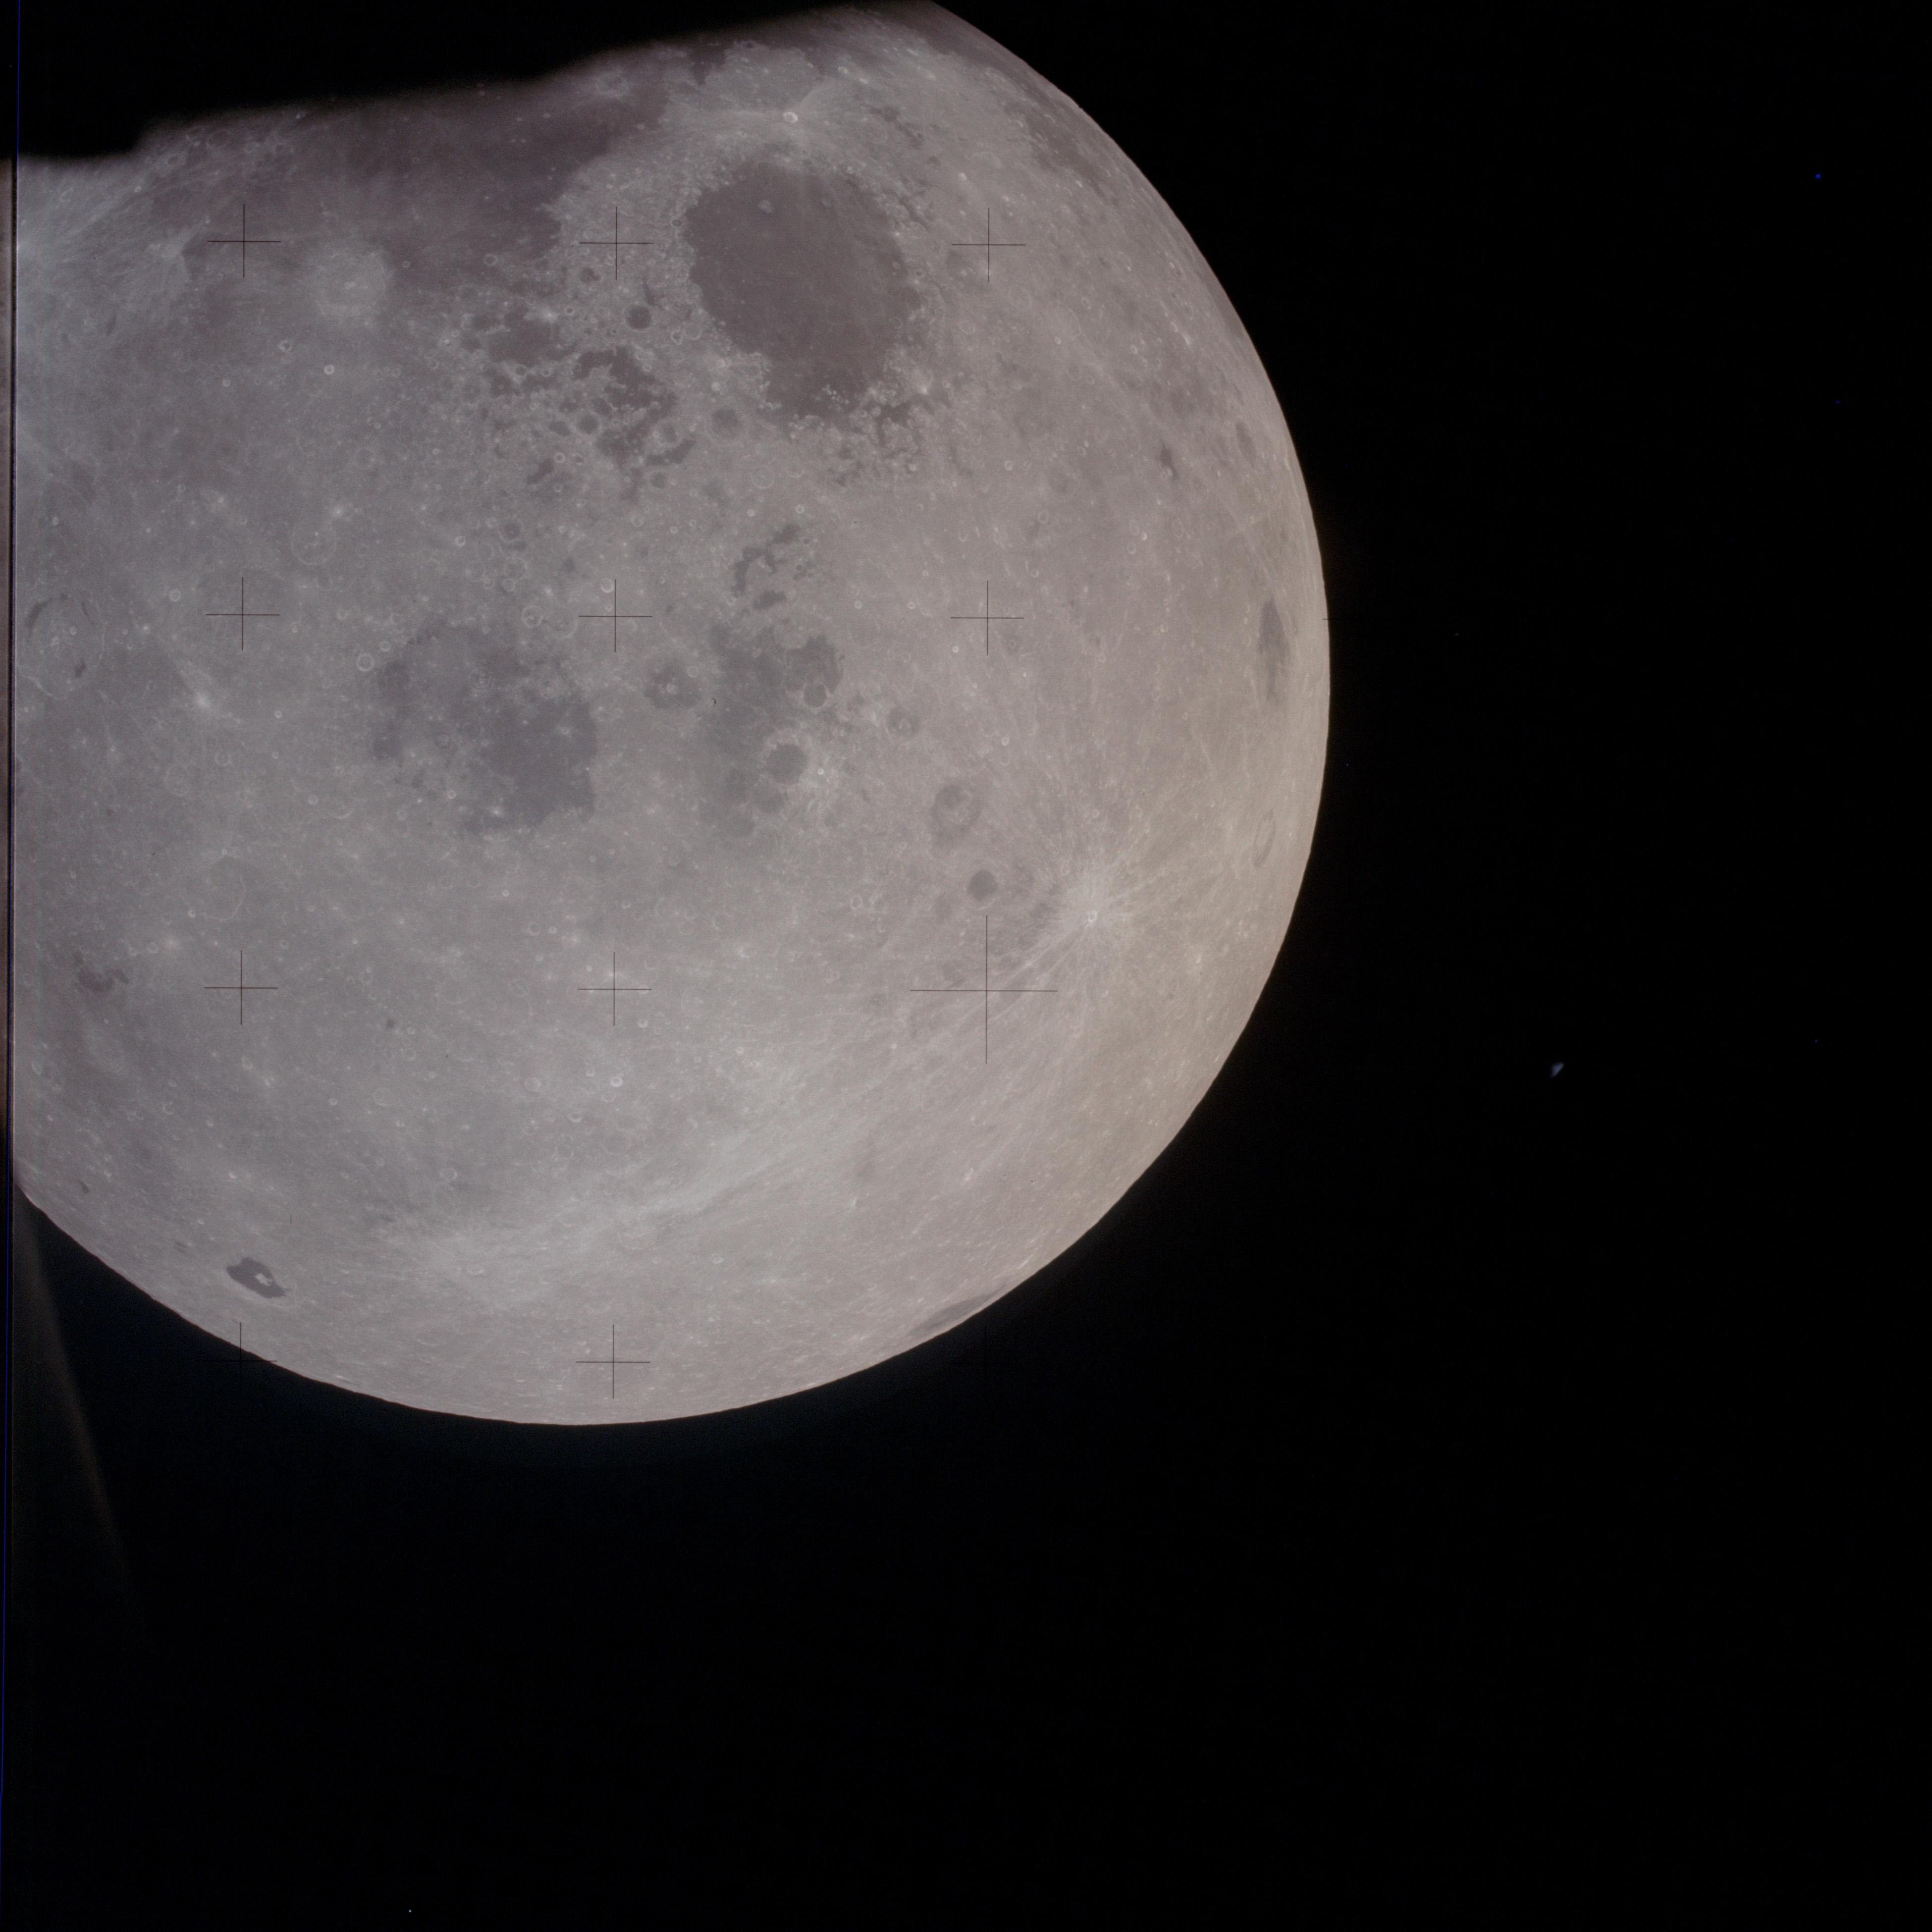 nasa moon sighting - photo #19